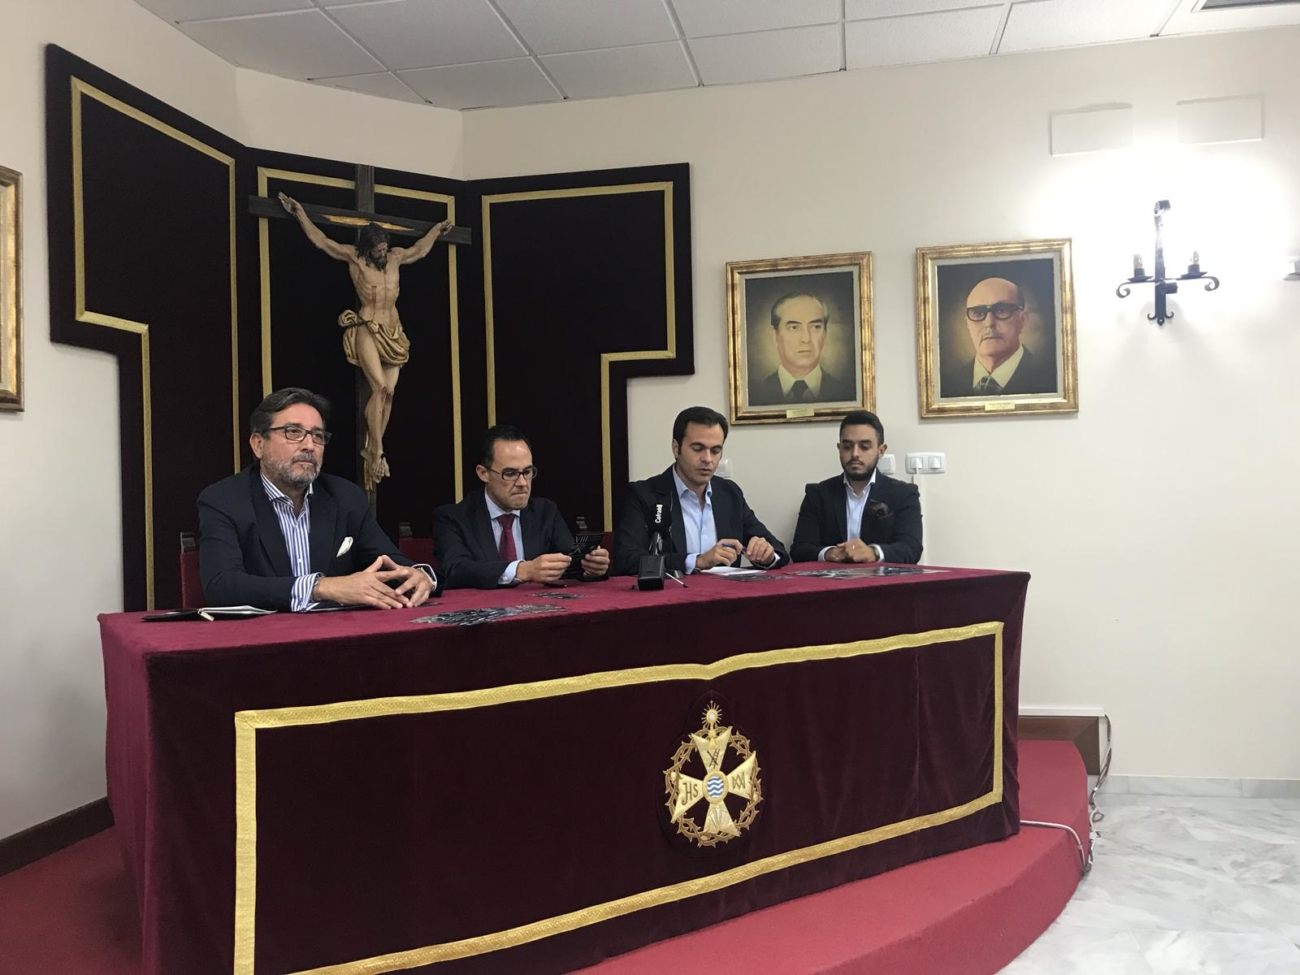 Encuentro Martín Gómez presentación VIII